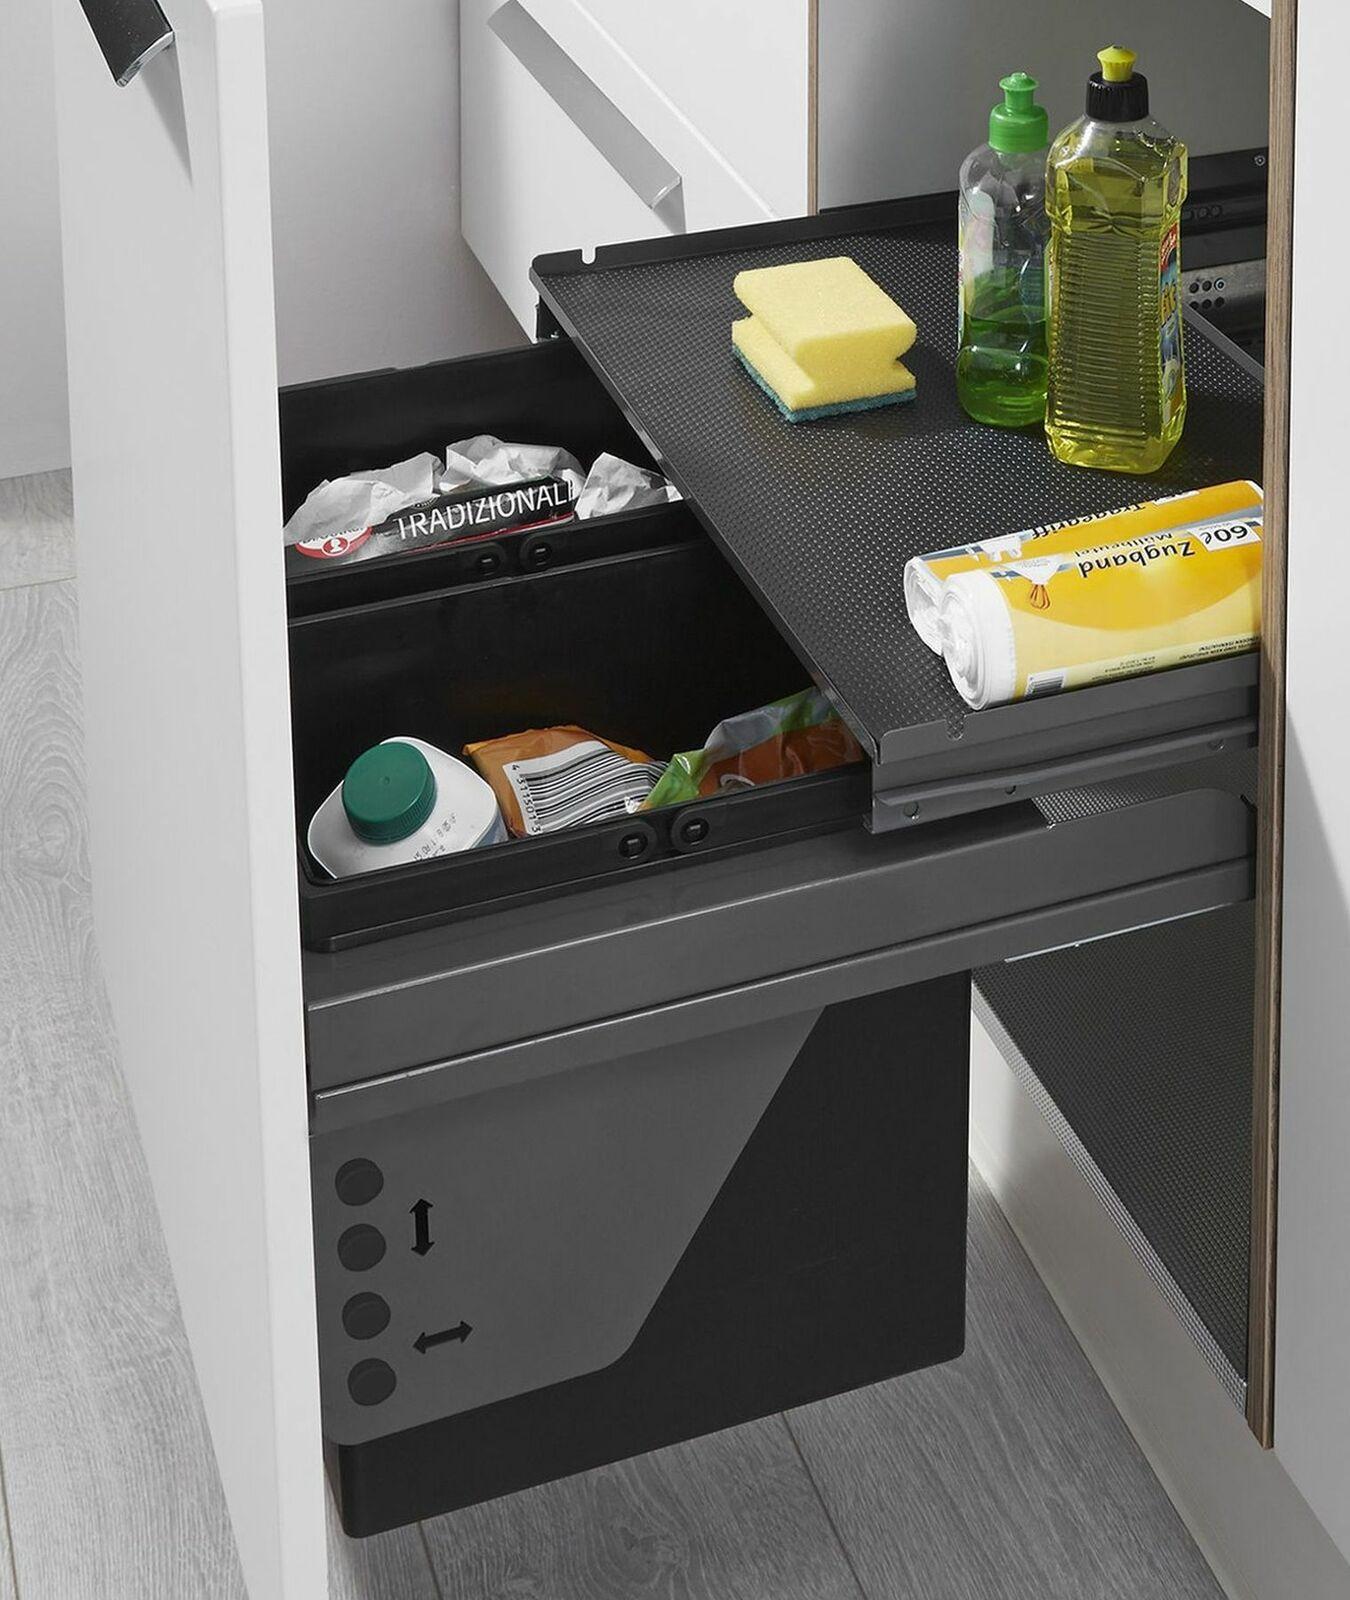 Full Size of Häcker Müllsystem Kchen Mehr Als 10000 Angebote Küche Wohnzimmer Häcker Müllsystem